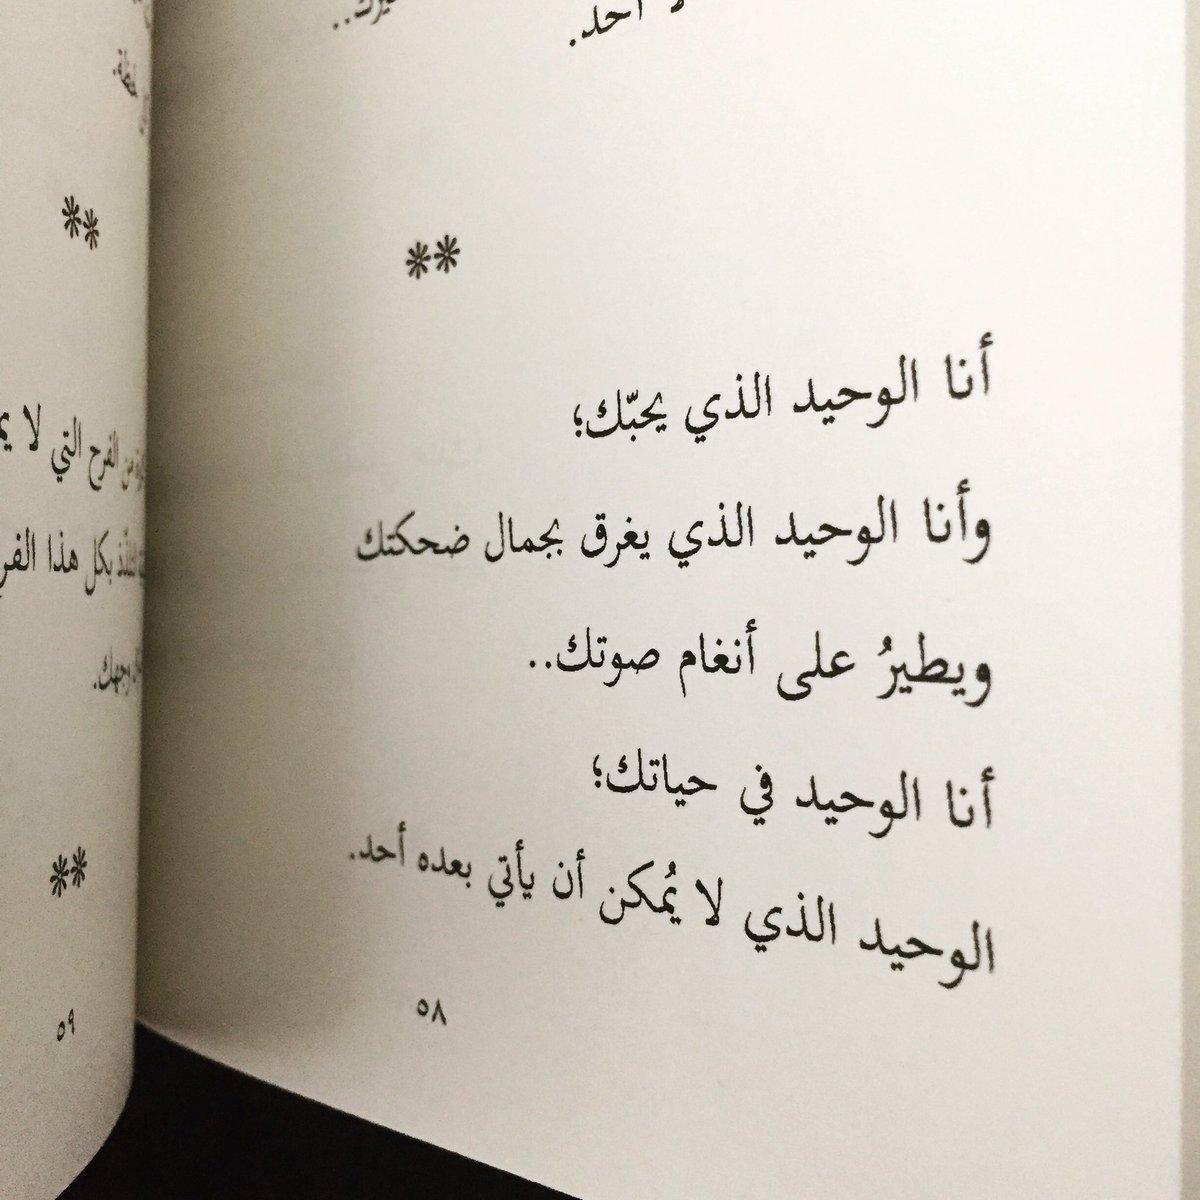 بالصور شعر حب وشوق , اشعار عن العشاق و المحبيين 3307 5